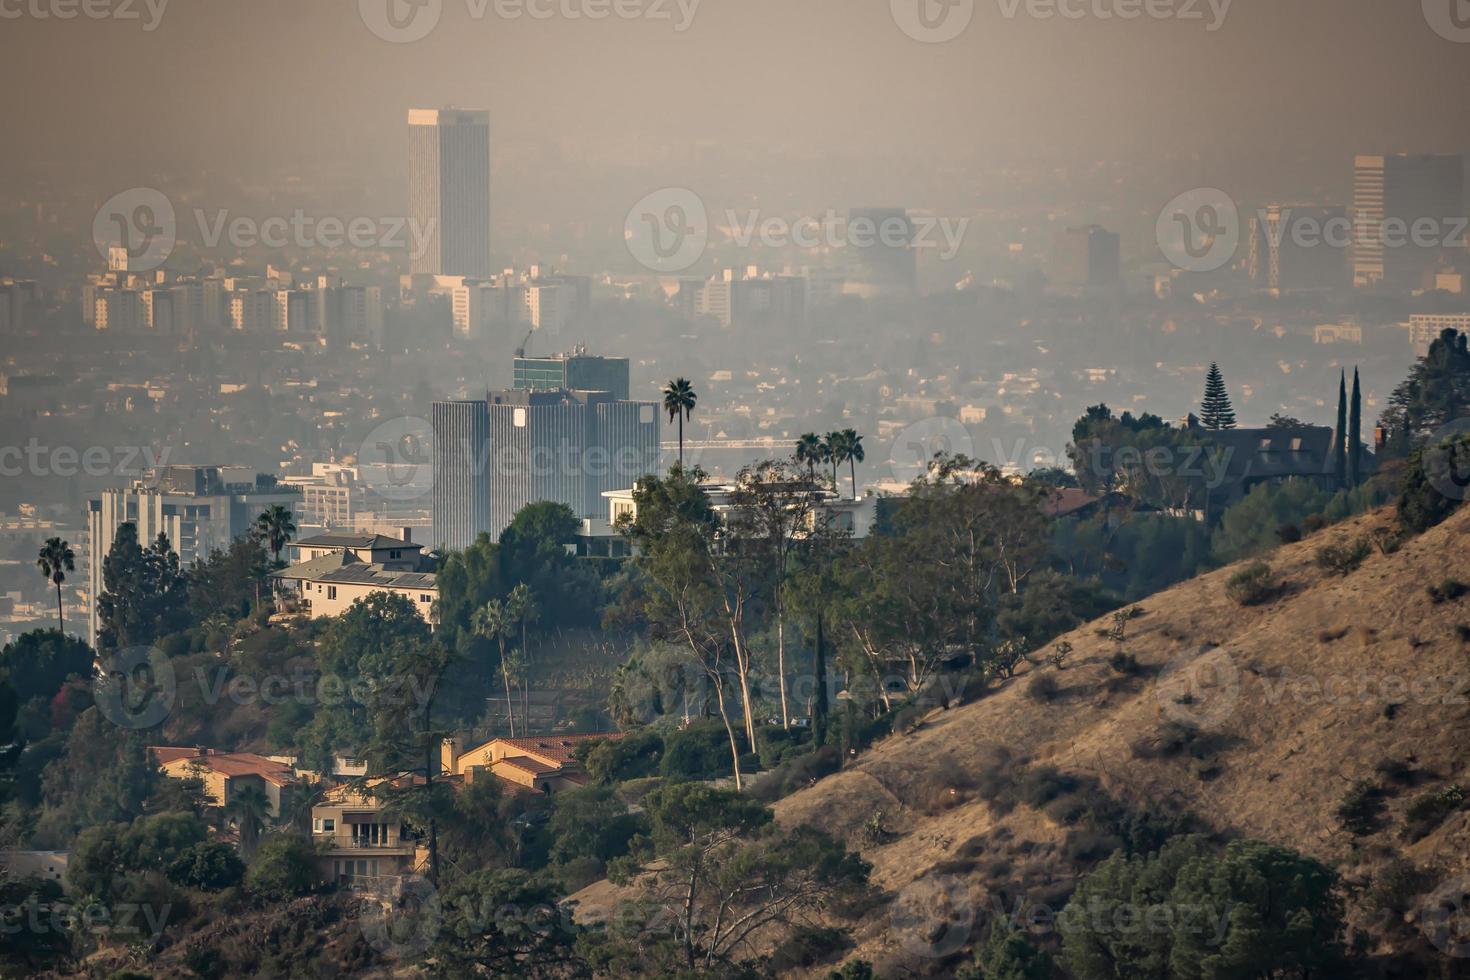 les toits et les banlieues de los angeles enveloppés dans la fumée des incendies de woosle en 2018 photo